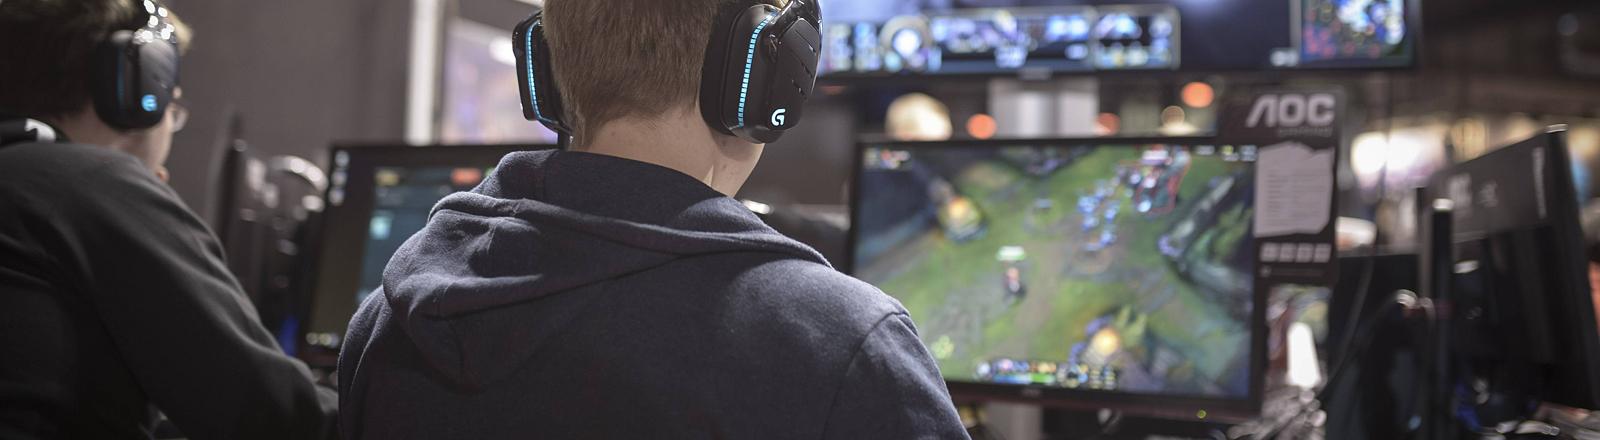 Gamer beim Spiel